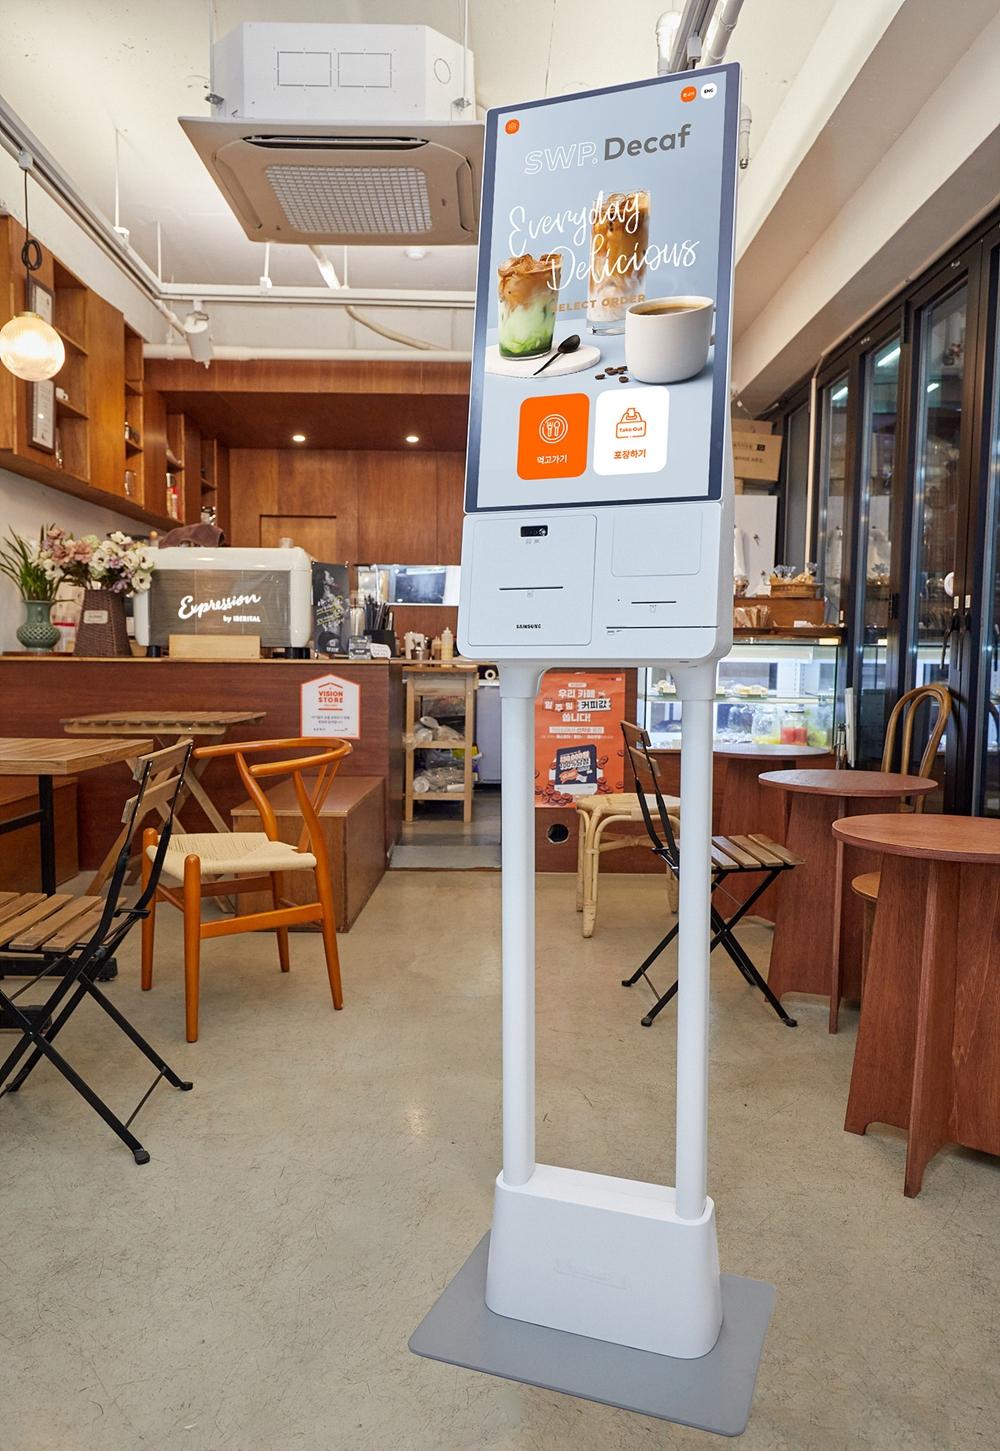 서울 영등포구에 위치한 카페 '보은하다'에 설치된 '삼성 키오스크'